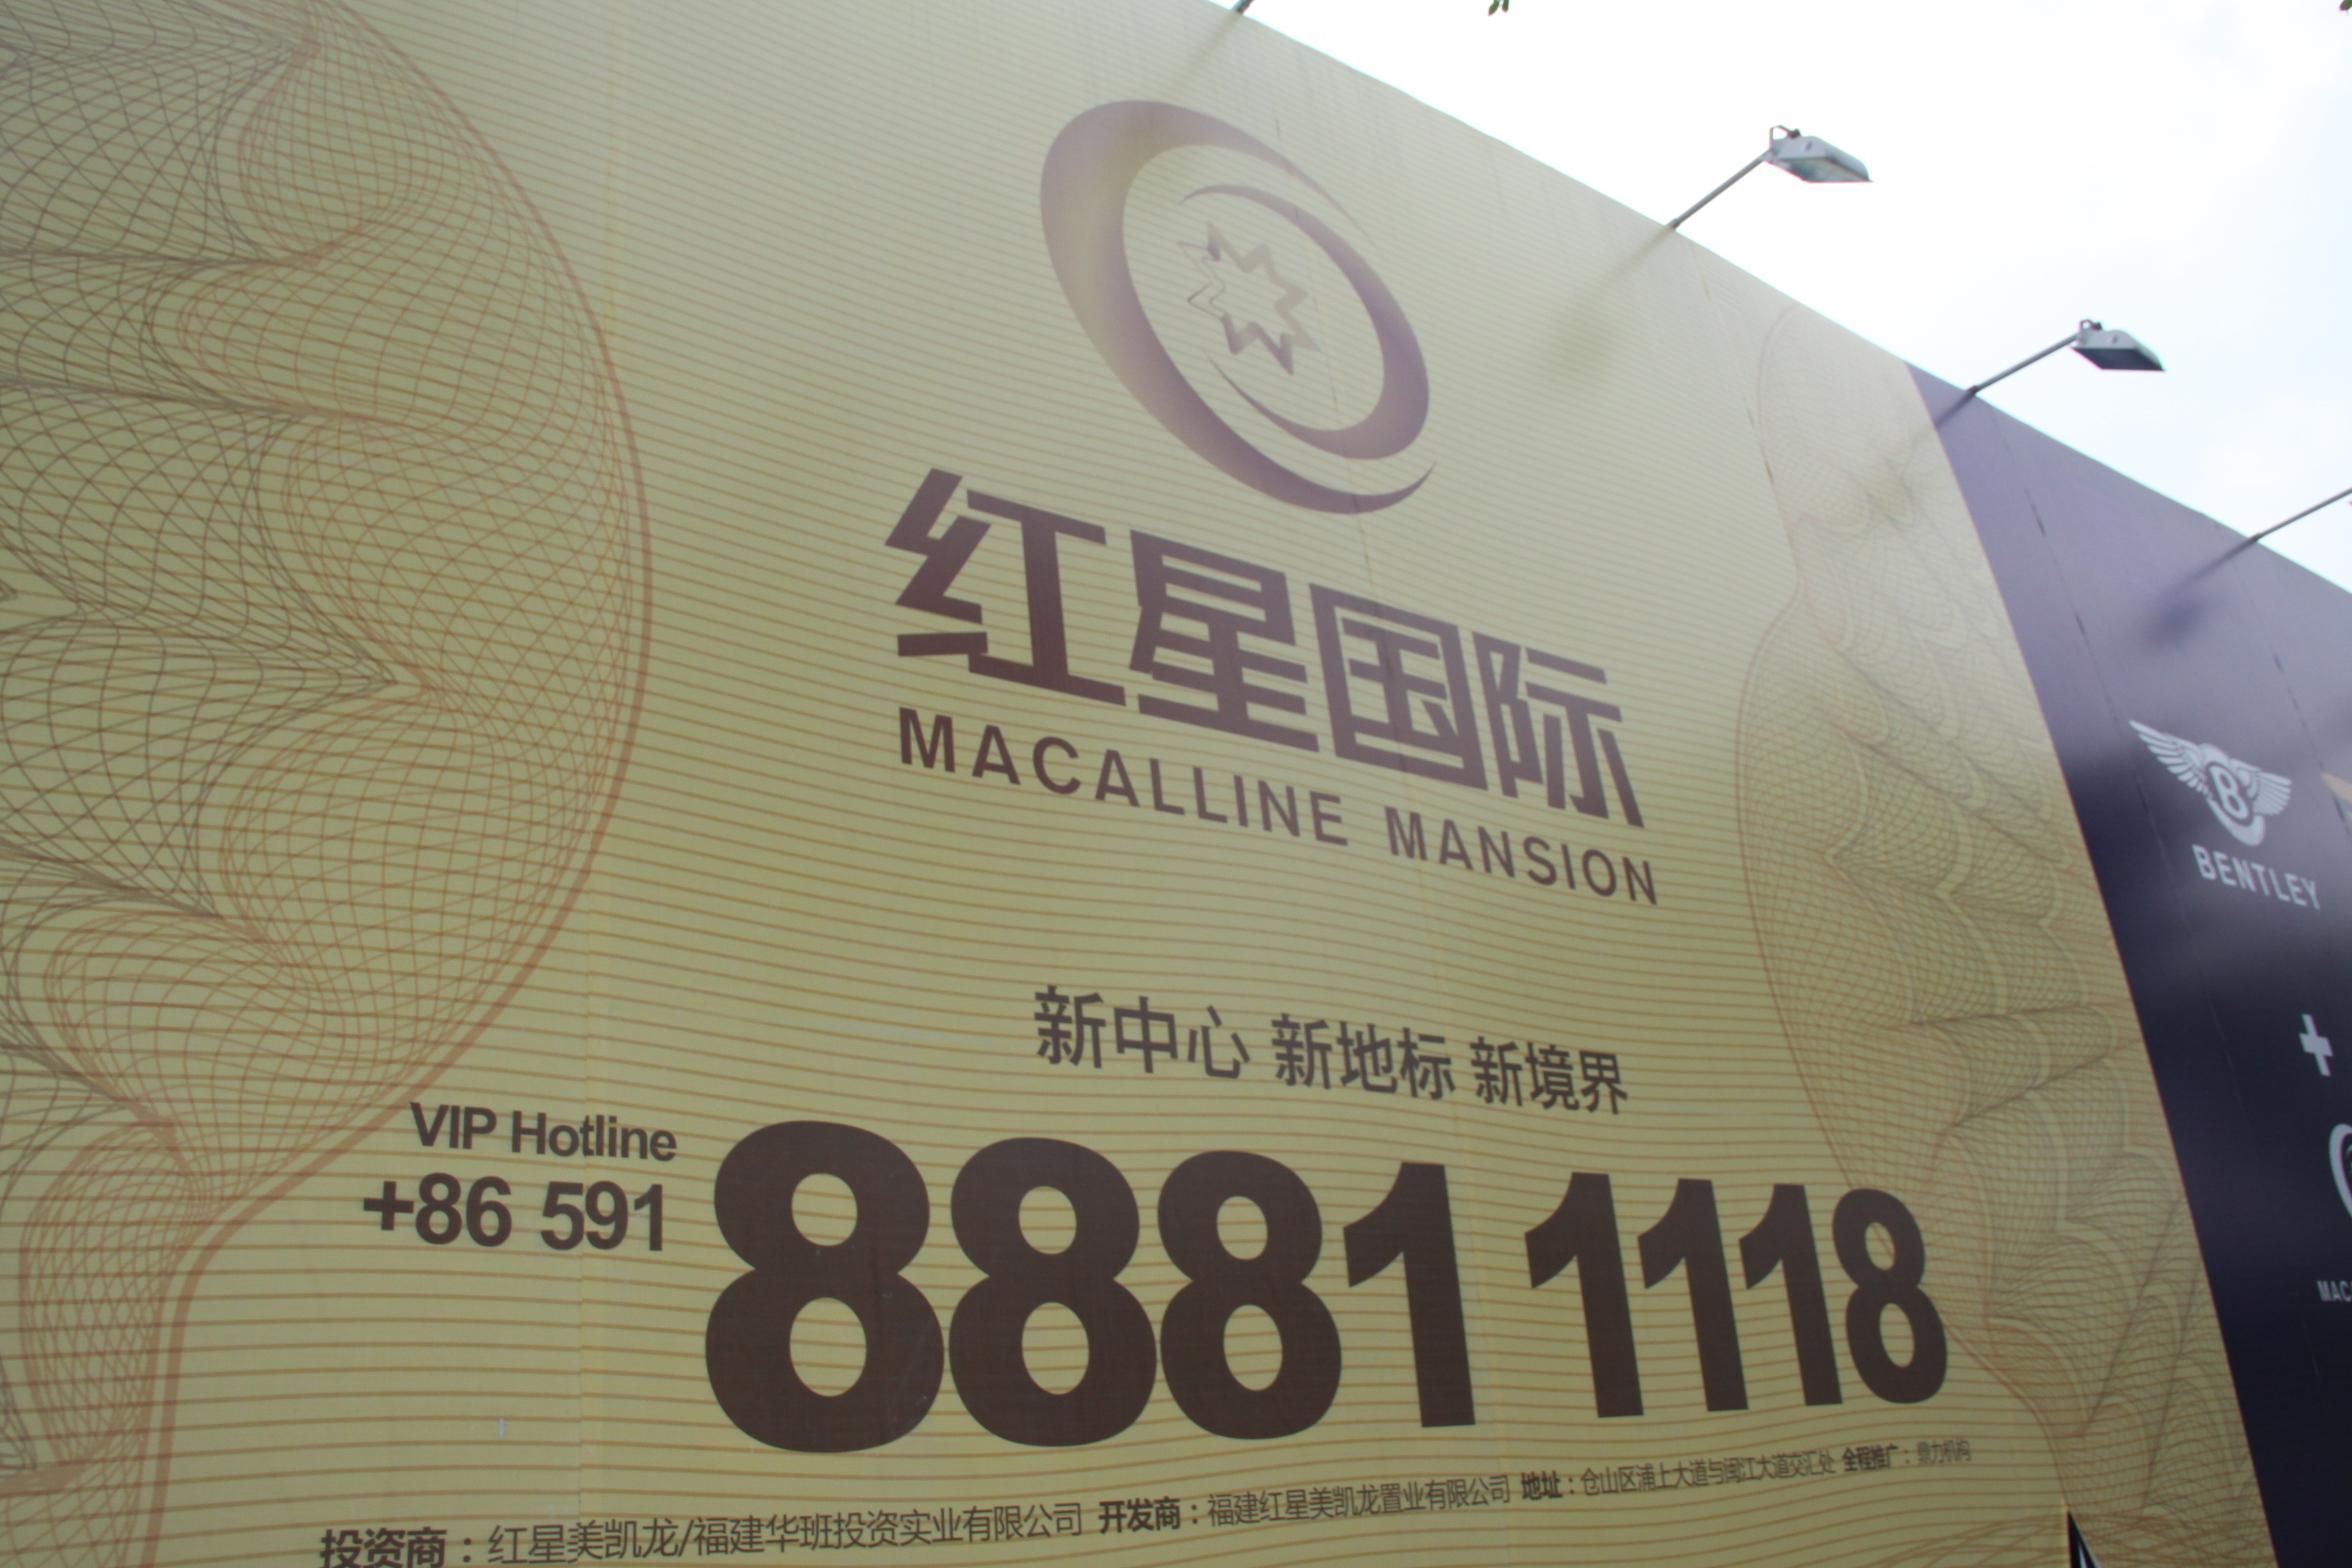 红星国际-福州-图片集合库-地产中国网